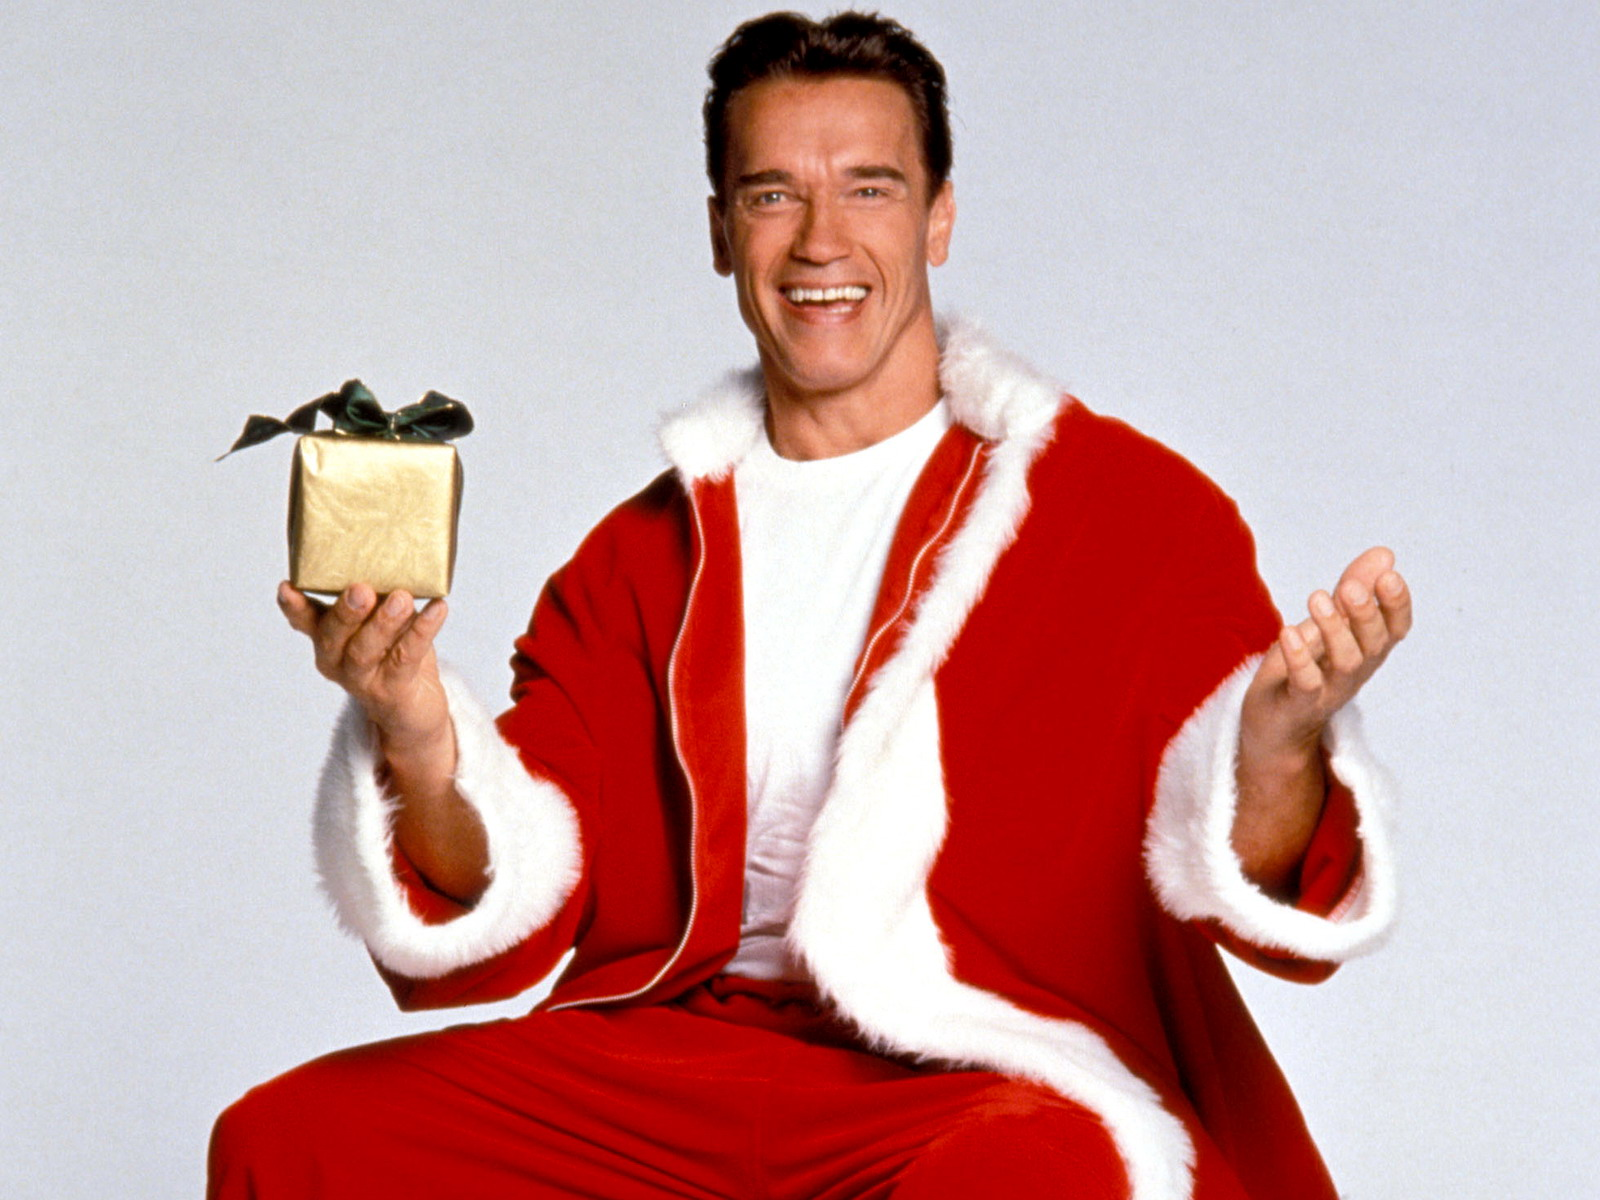 Арнольд Шварцнегер дед мороз, скачать обои на рабочий стол, Arnold Schwarzenegger Santa Claus wallpaper, фото